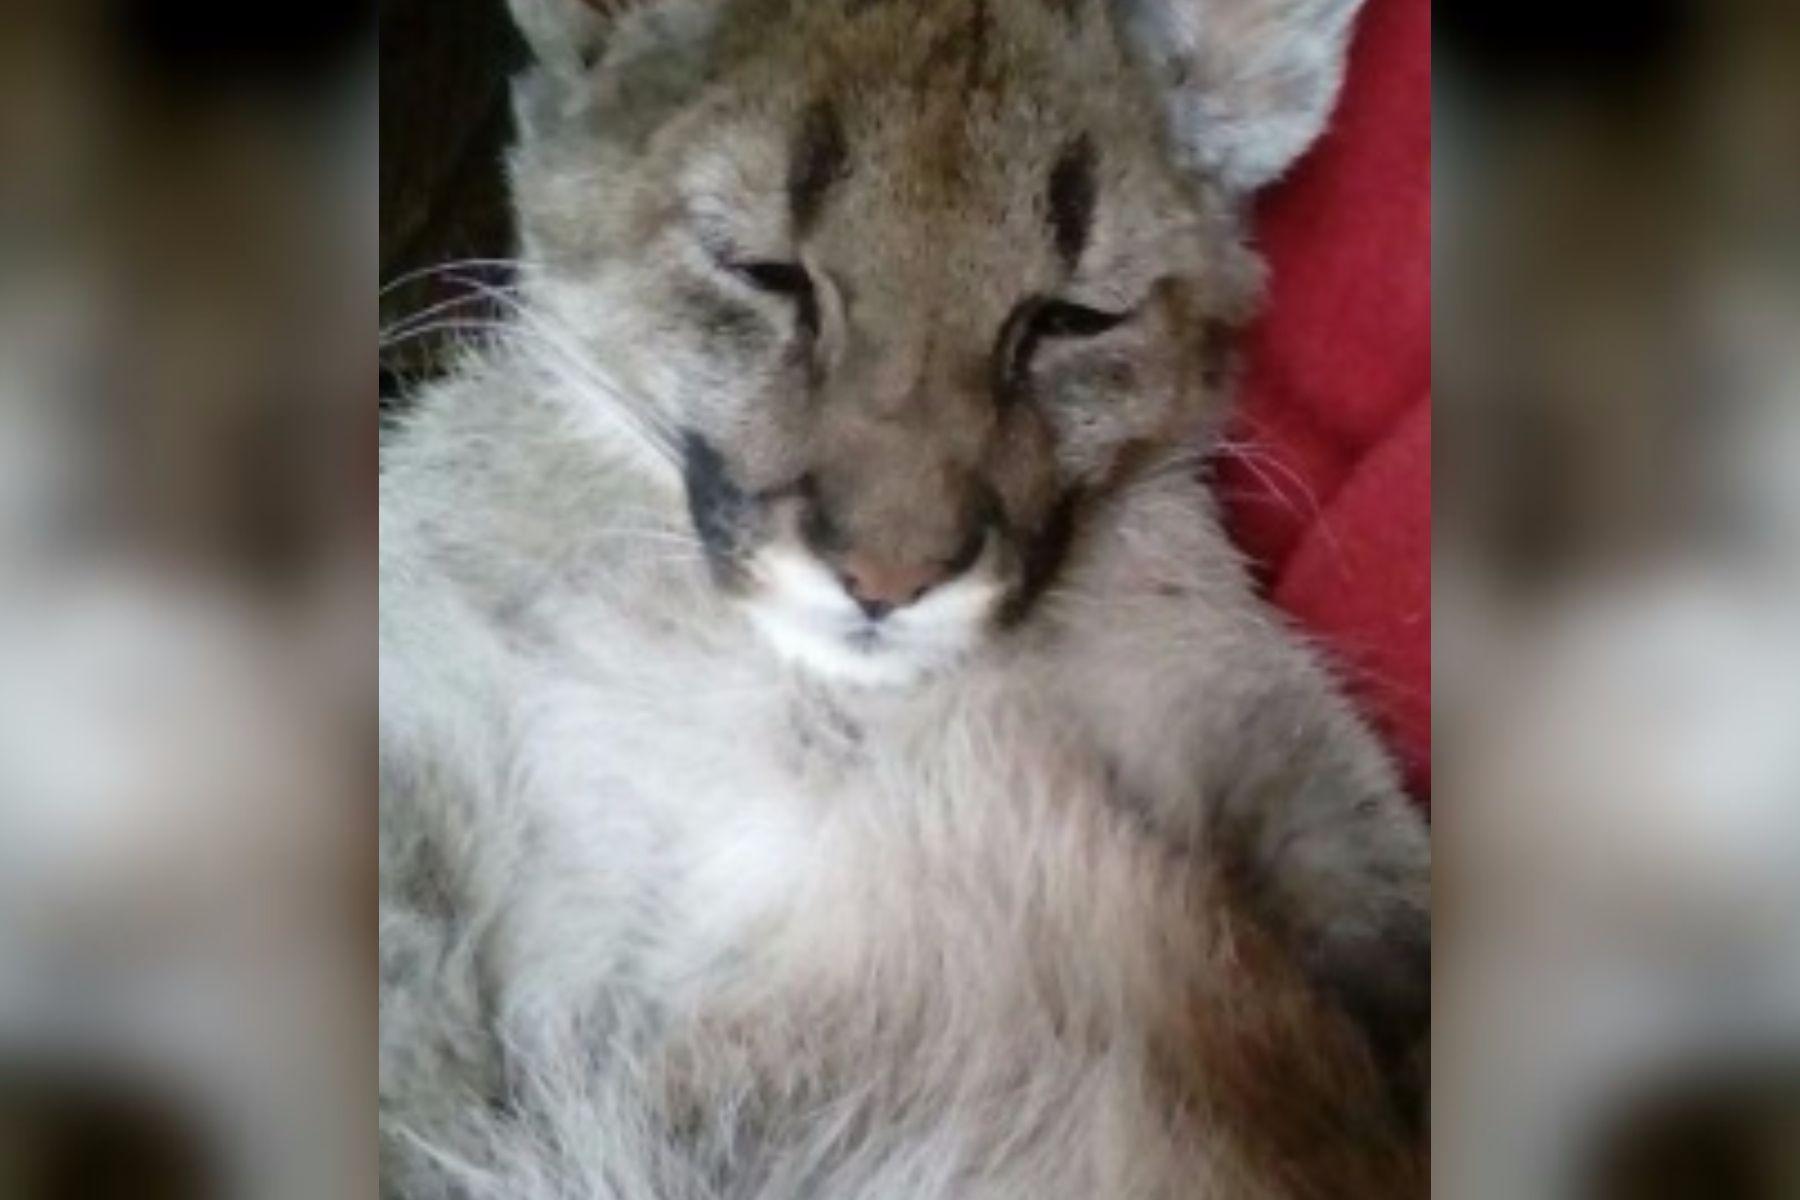 La conmovedora historia de Estanislao, el puma que sufre de ceguera y lucha por sobrevivir